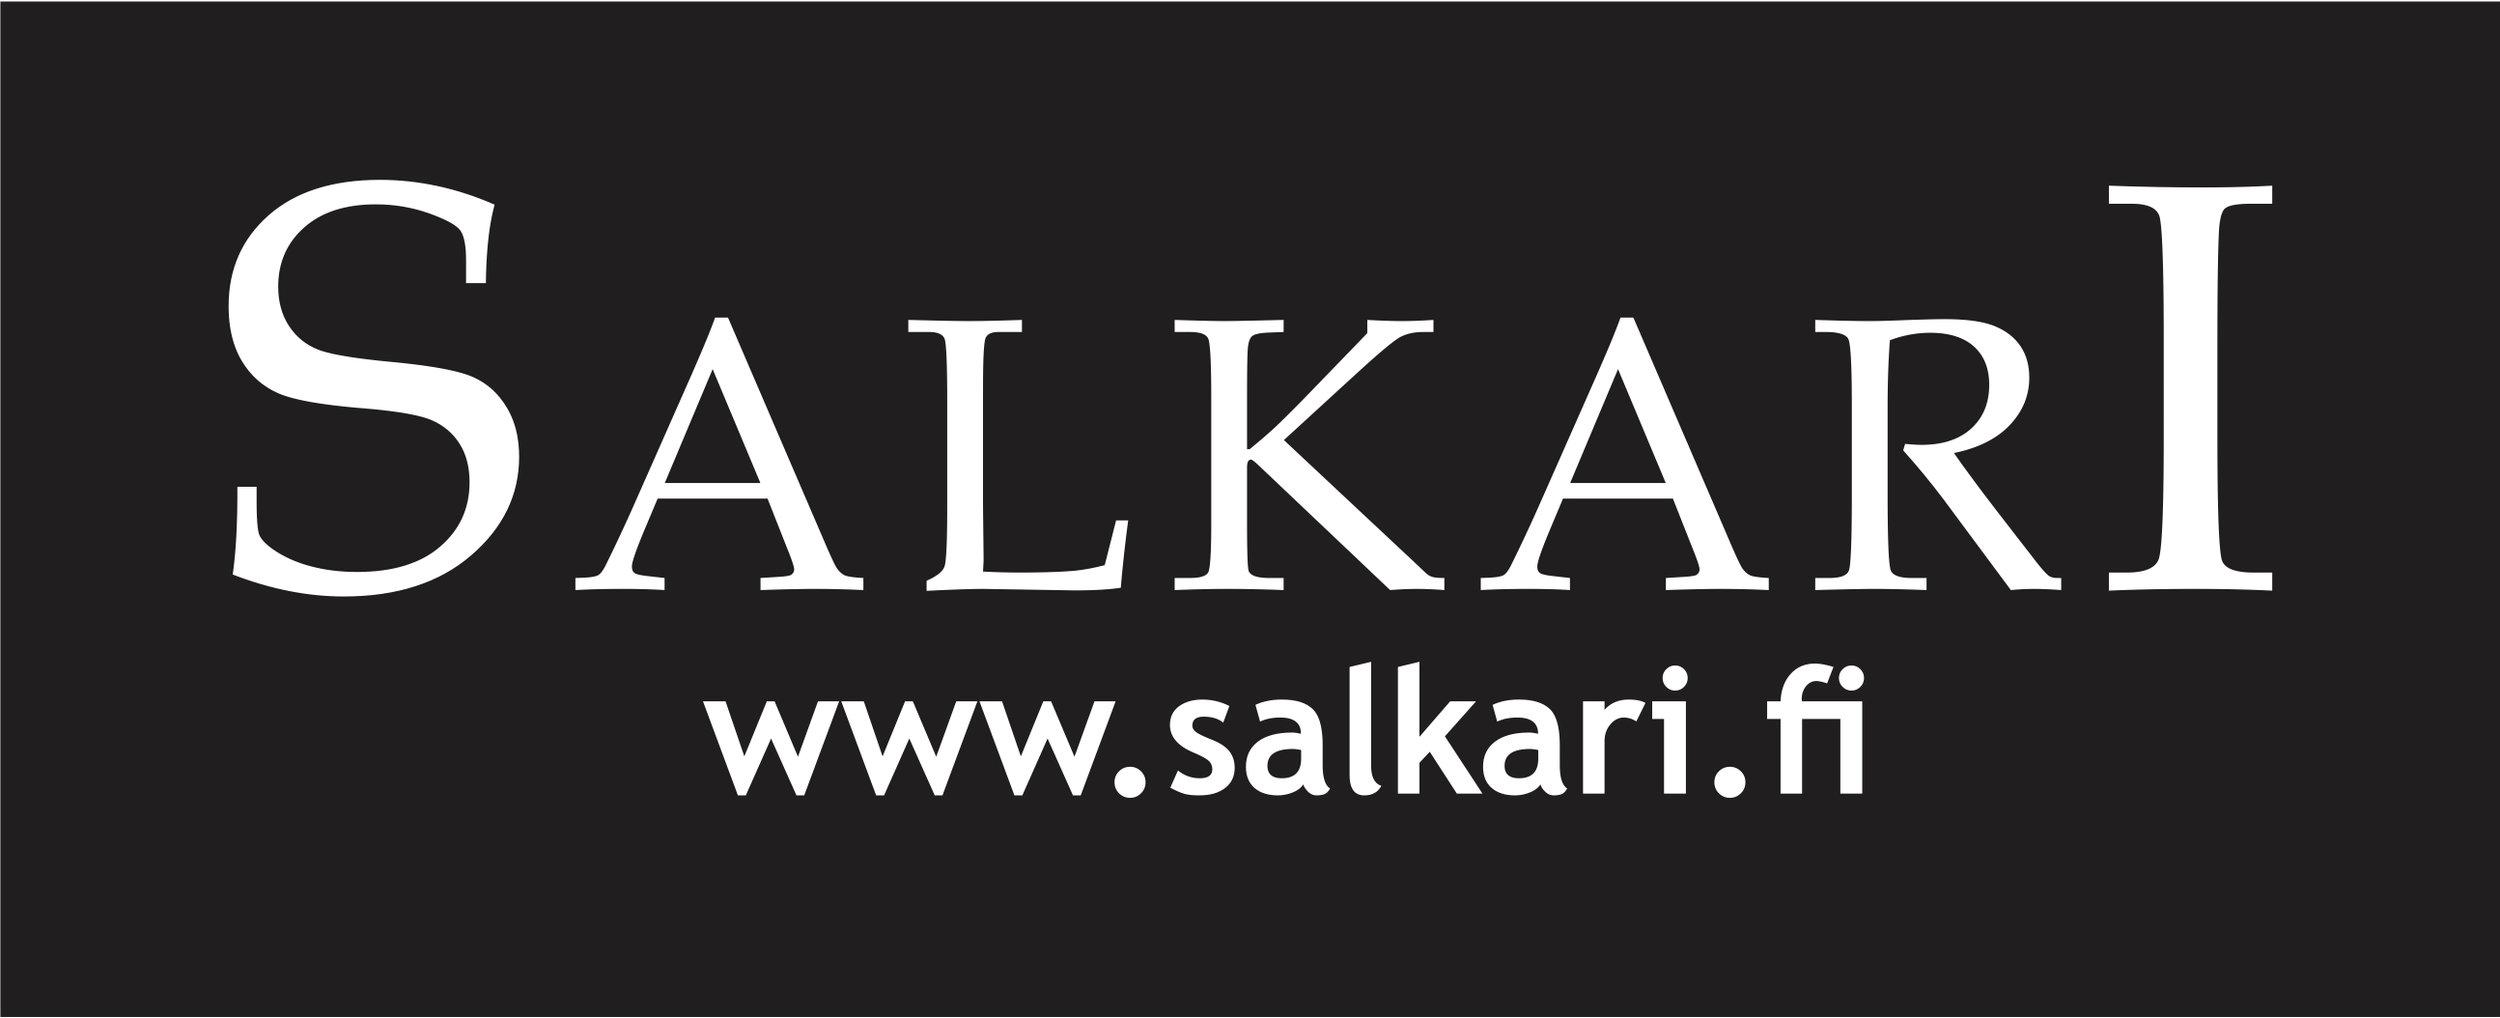 Salkari_logo.jpg